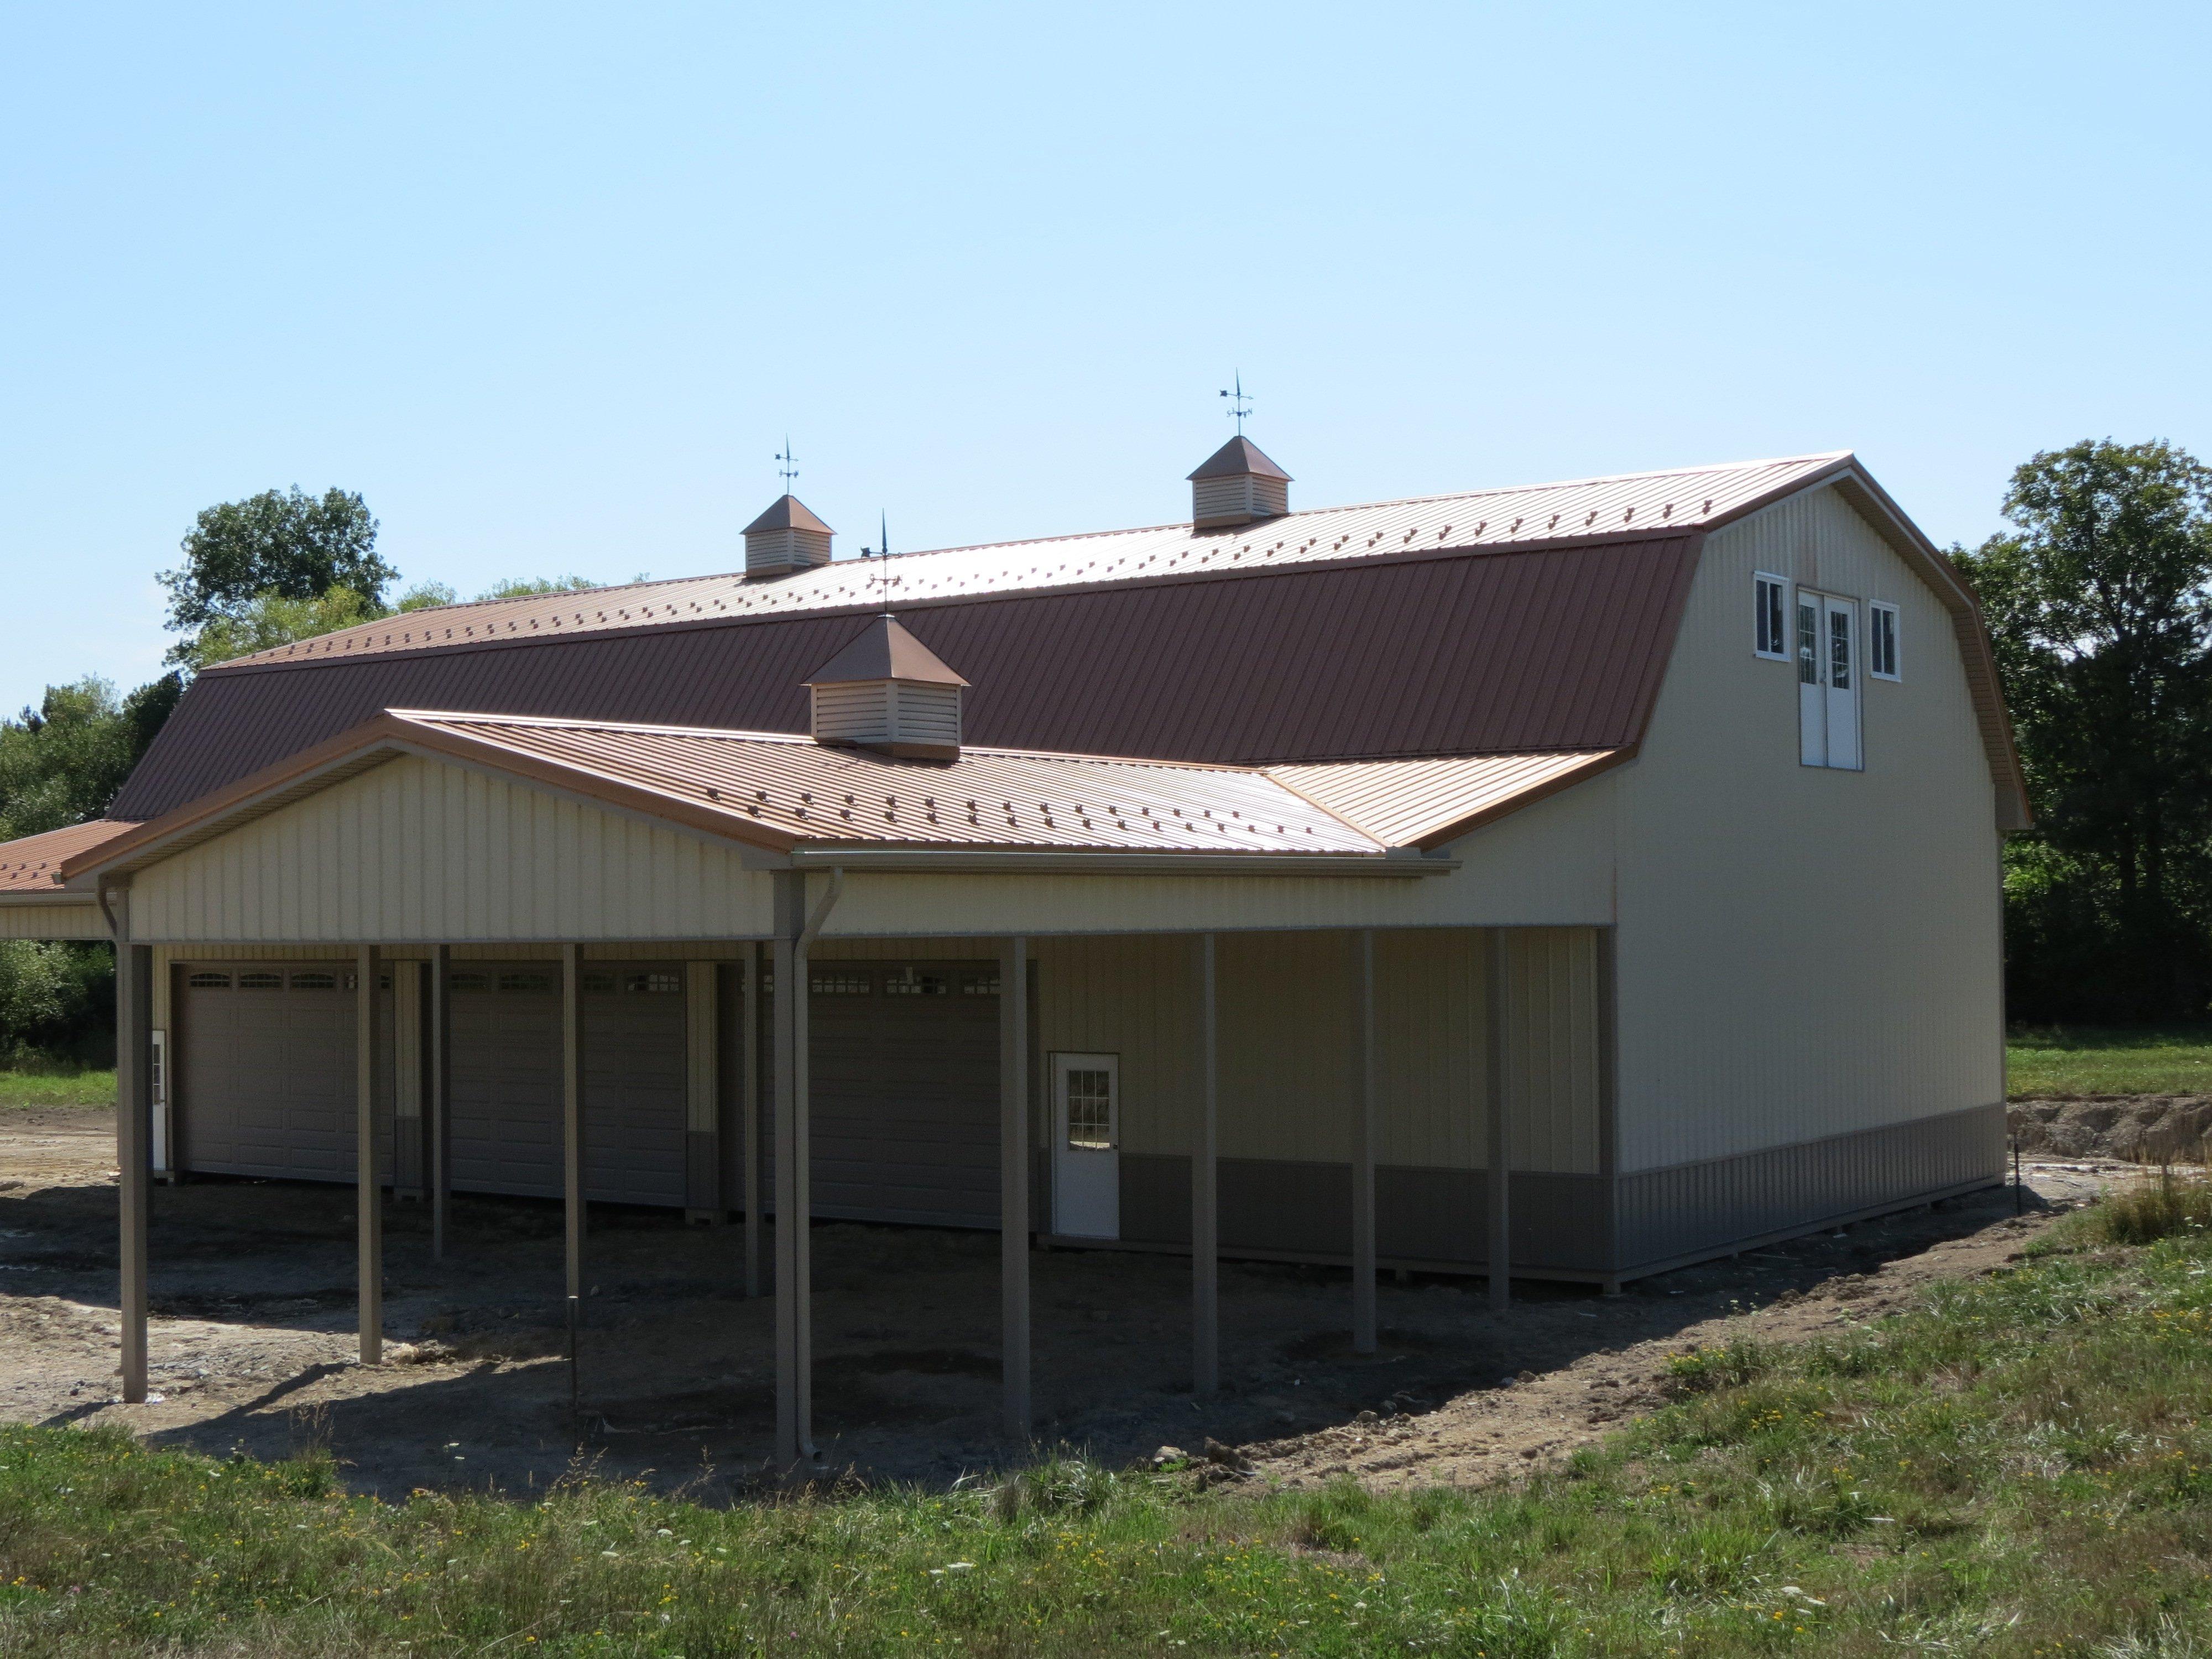 Pole Barns Lockport NY